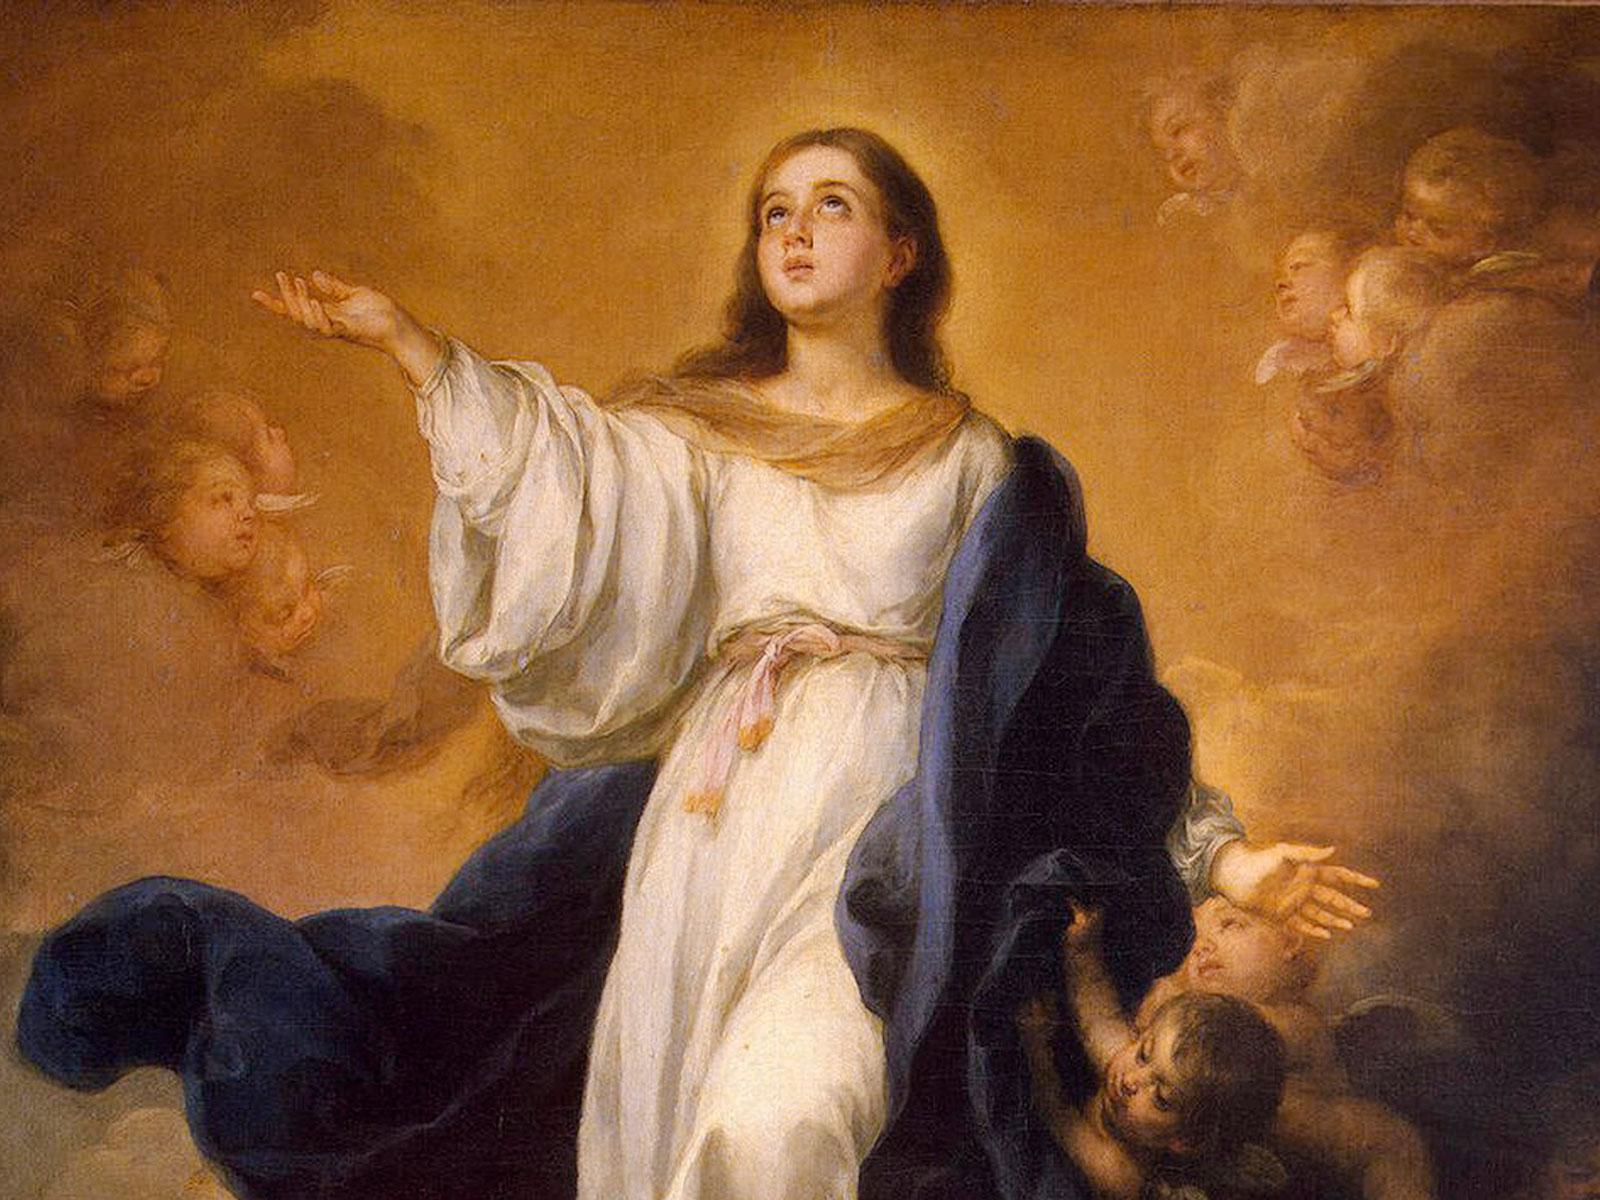 1600x1200-Confira-três-alegrias-da-Assunção-da-Virgem-Maria